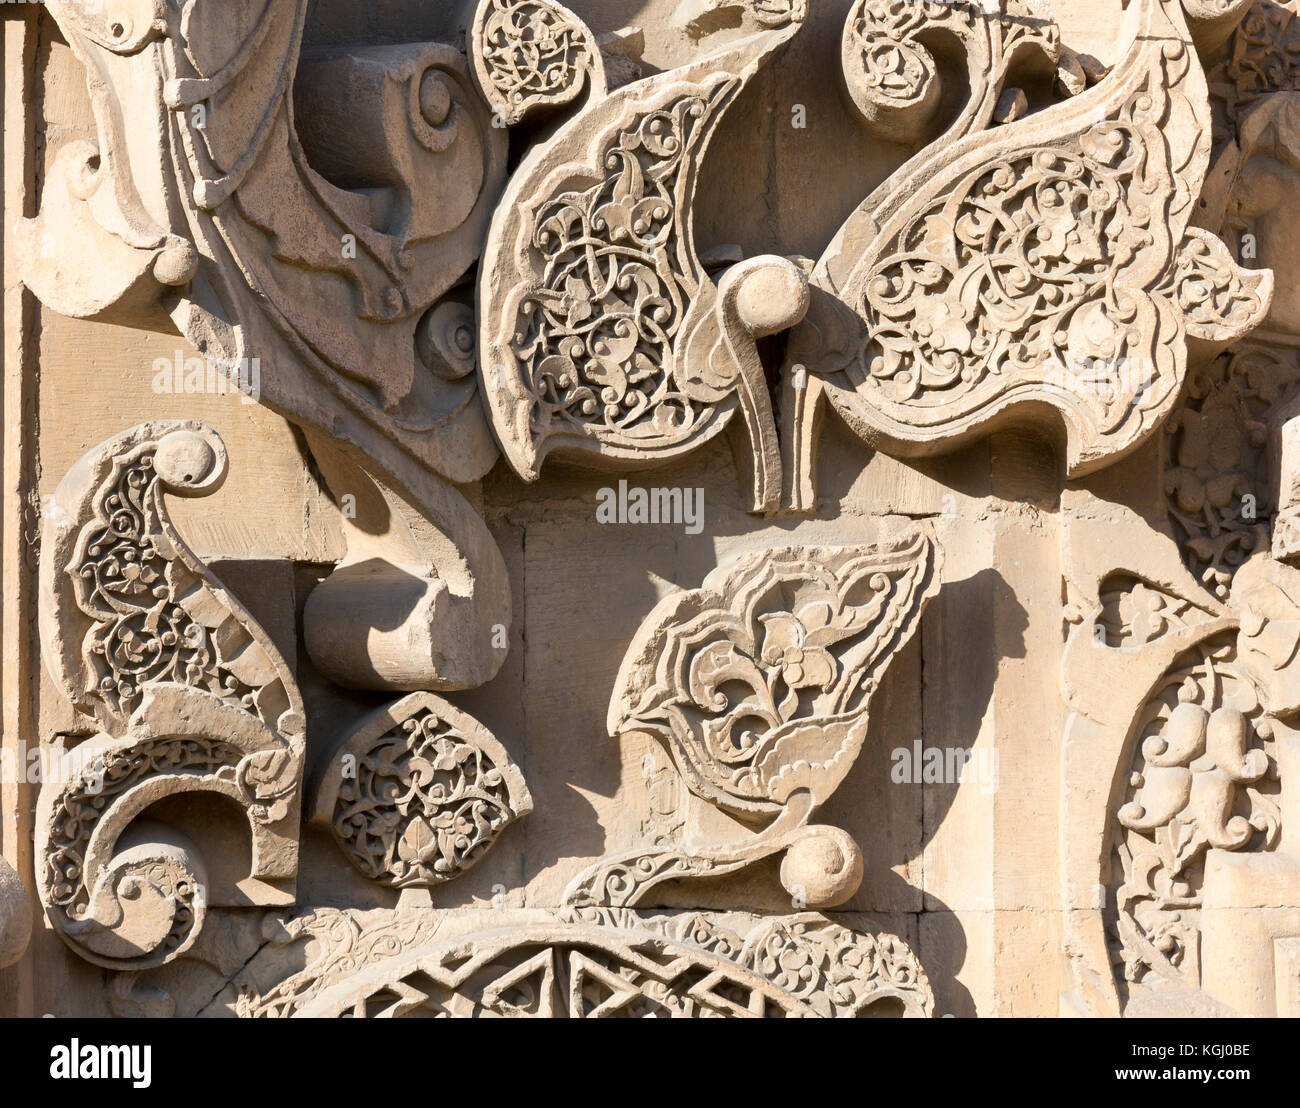 Dettaglio della scultura in pietra sulla facciata di ingresso di Divrigi Grande Moschea, Turchia Immagini Stock